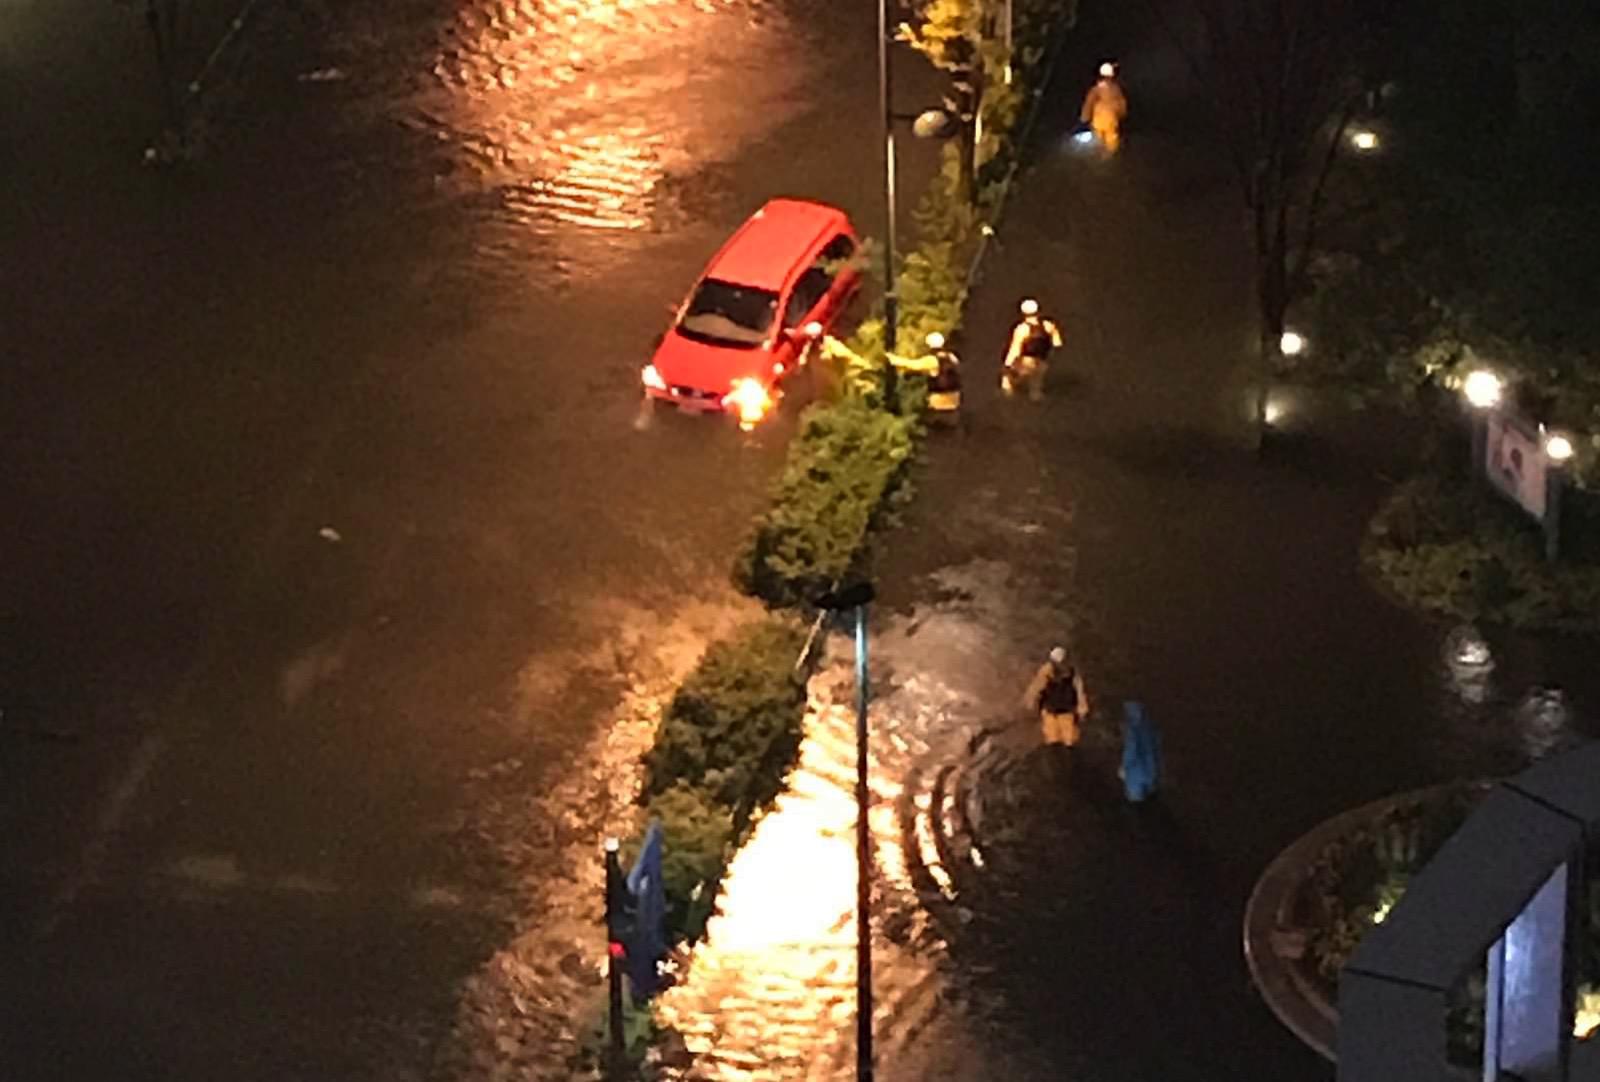 武蔵 小杉 冠水 内水氾濫に沈んだ武蔵小杉のタワマン、対策で浮上する新たな懸念:日...